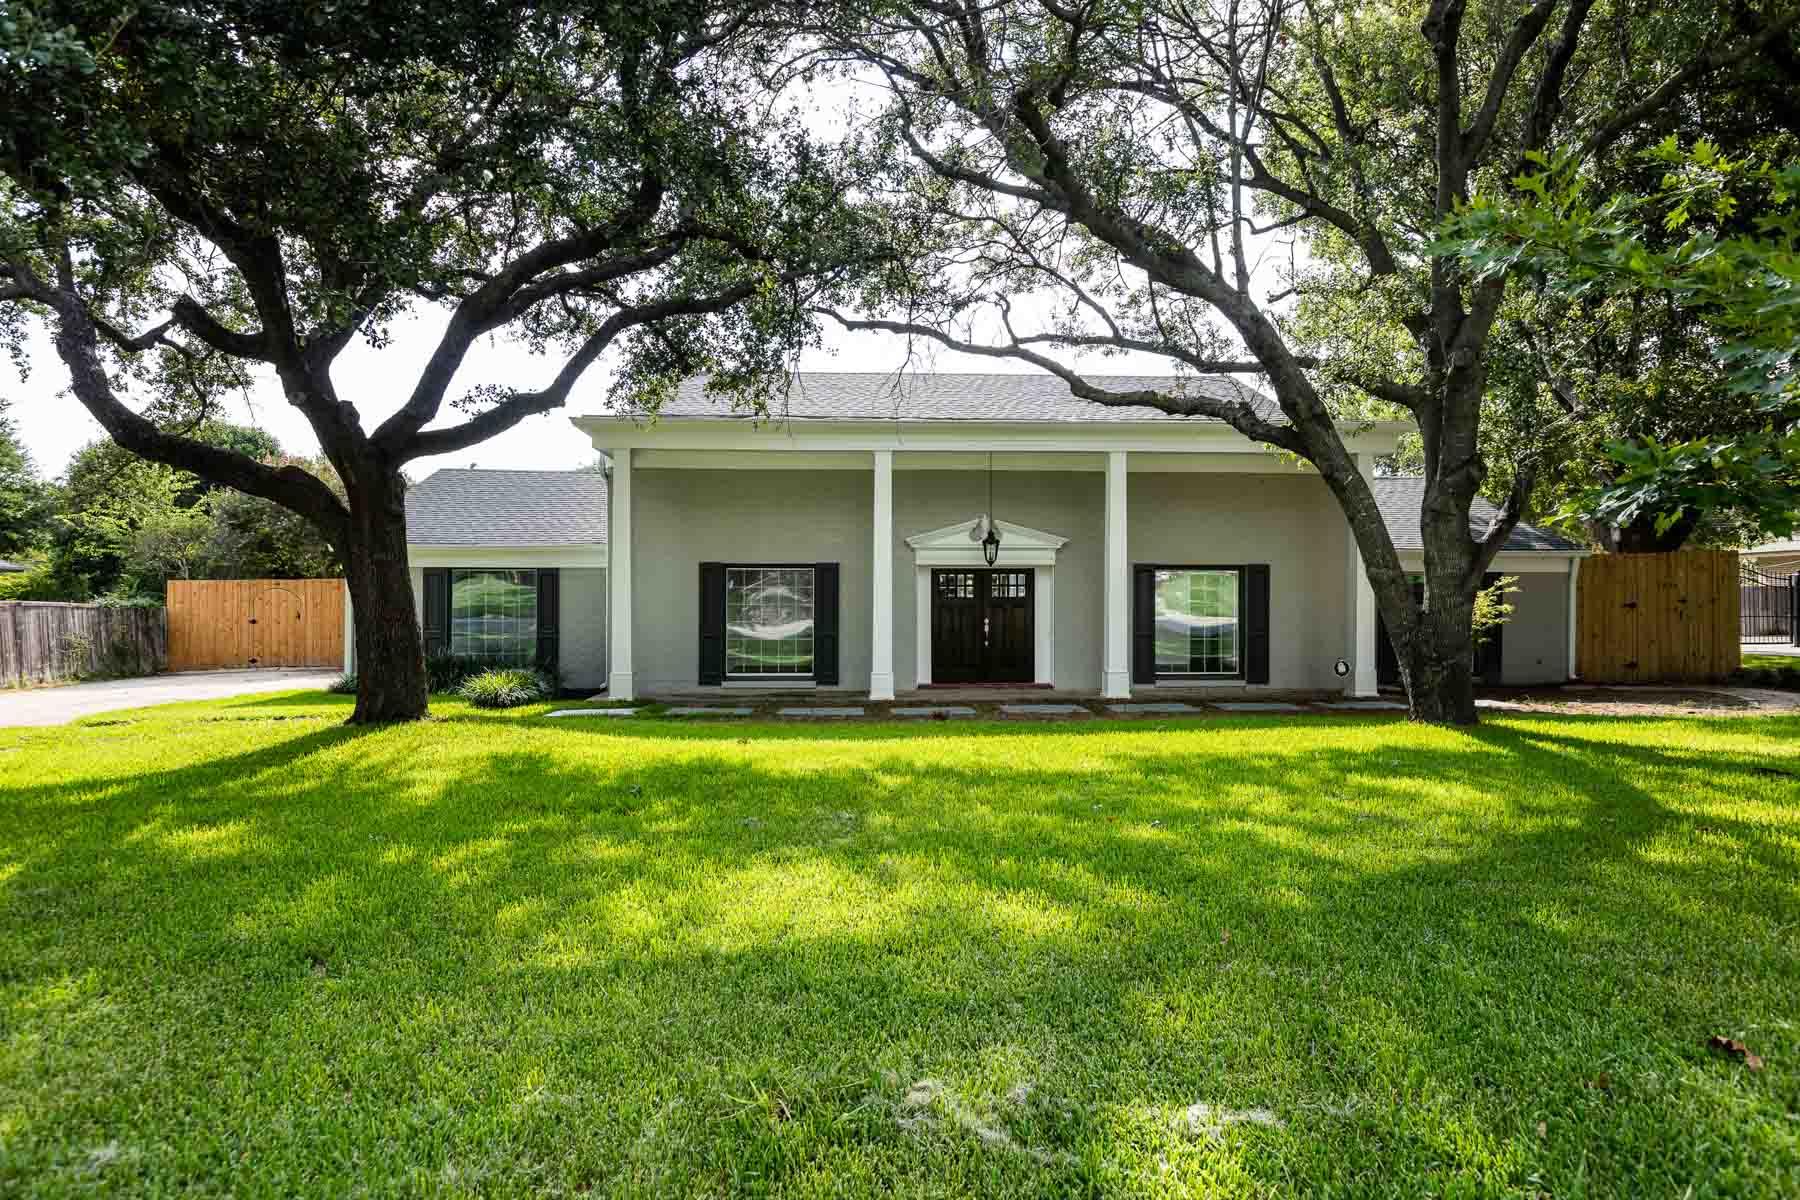 一戸建て のために 売買 アット Overton Park Colonial 3713 Summercrest Dr Fort Worth, テキサス, 76109 アメリカ合衆国